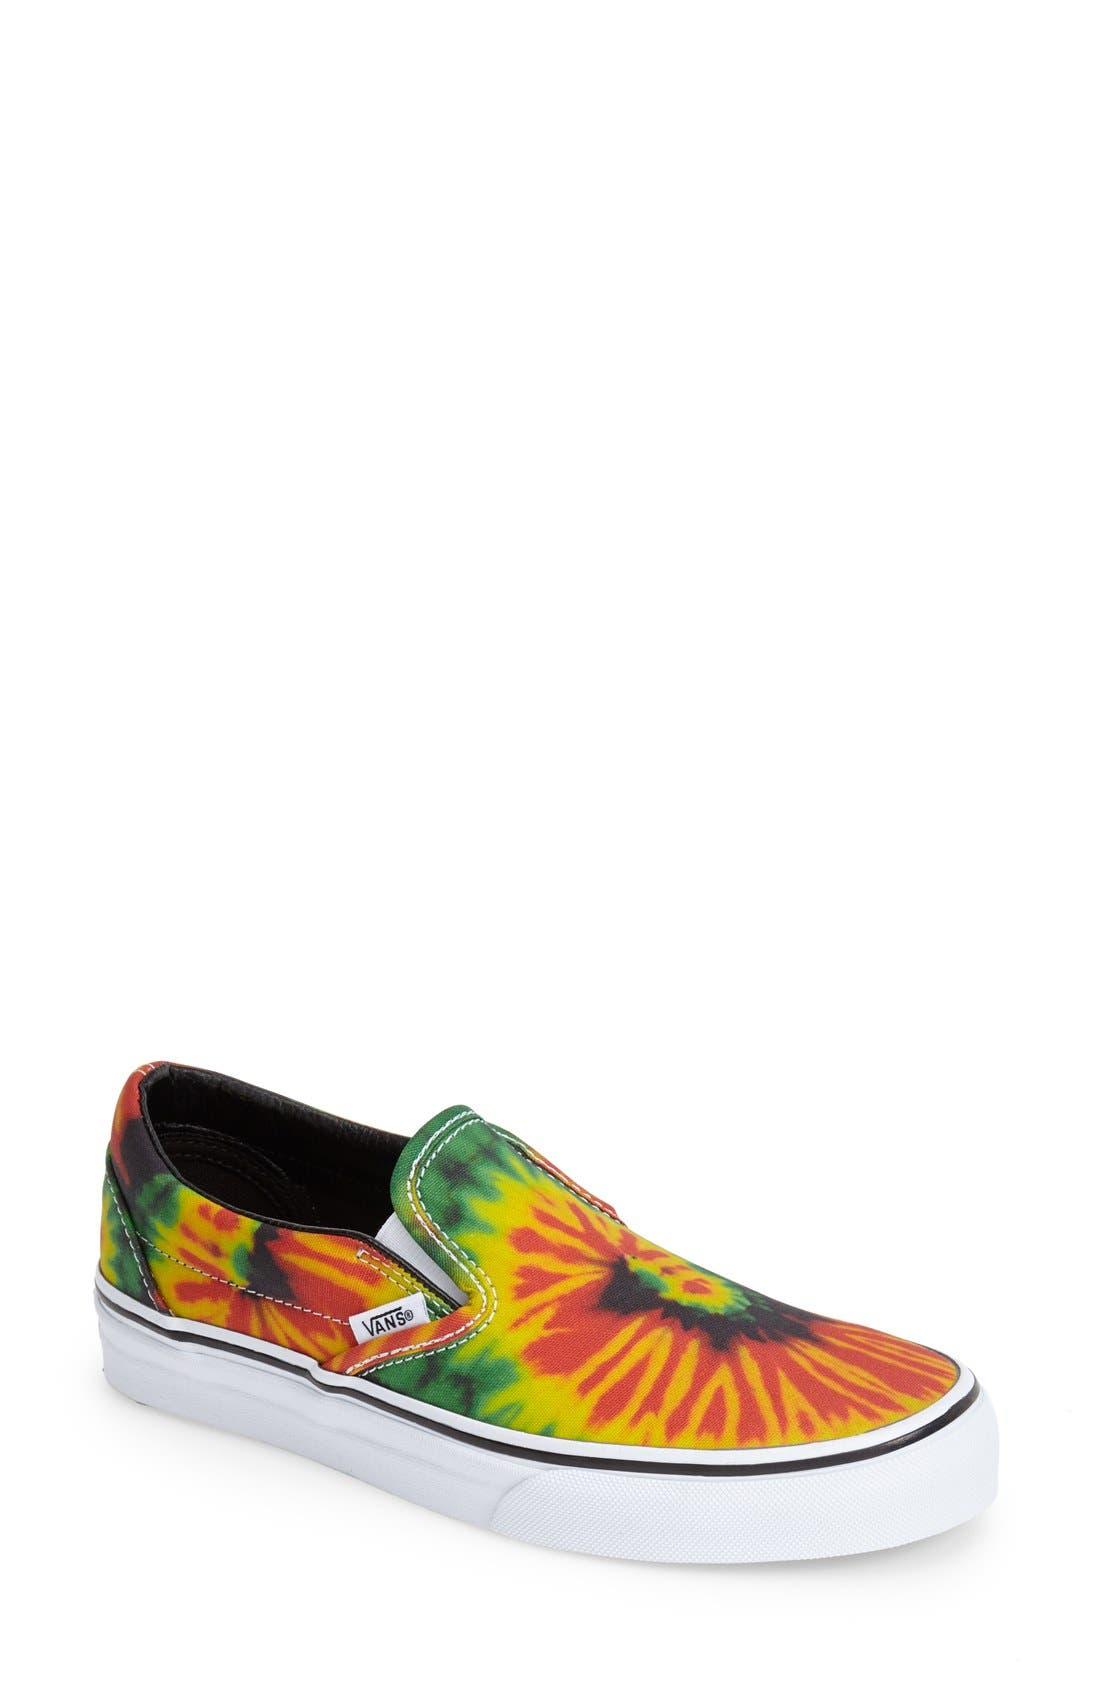 Alternate Image 1 Selected - Vans 'Tie Dye' Slip-On Sneaker (Women)